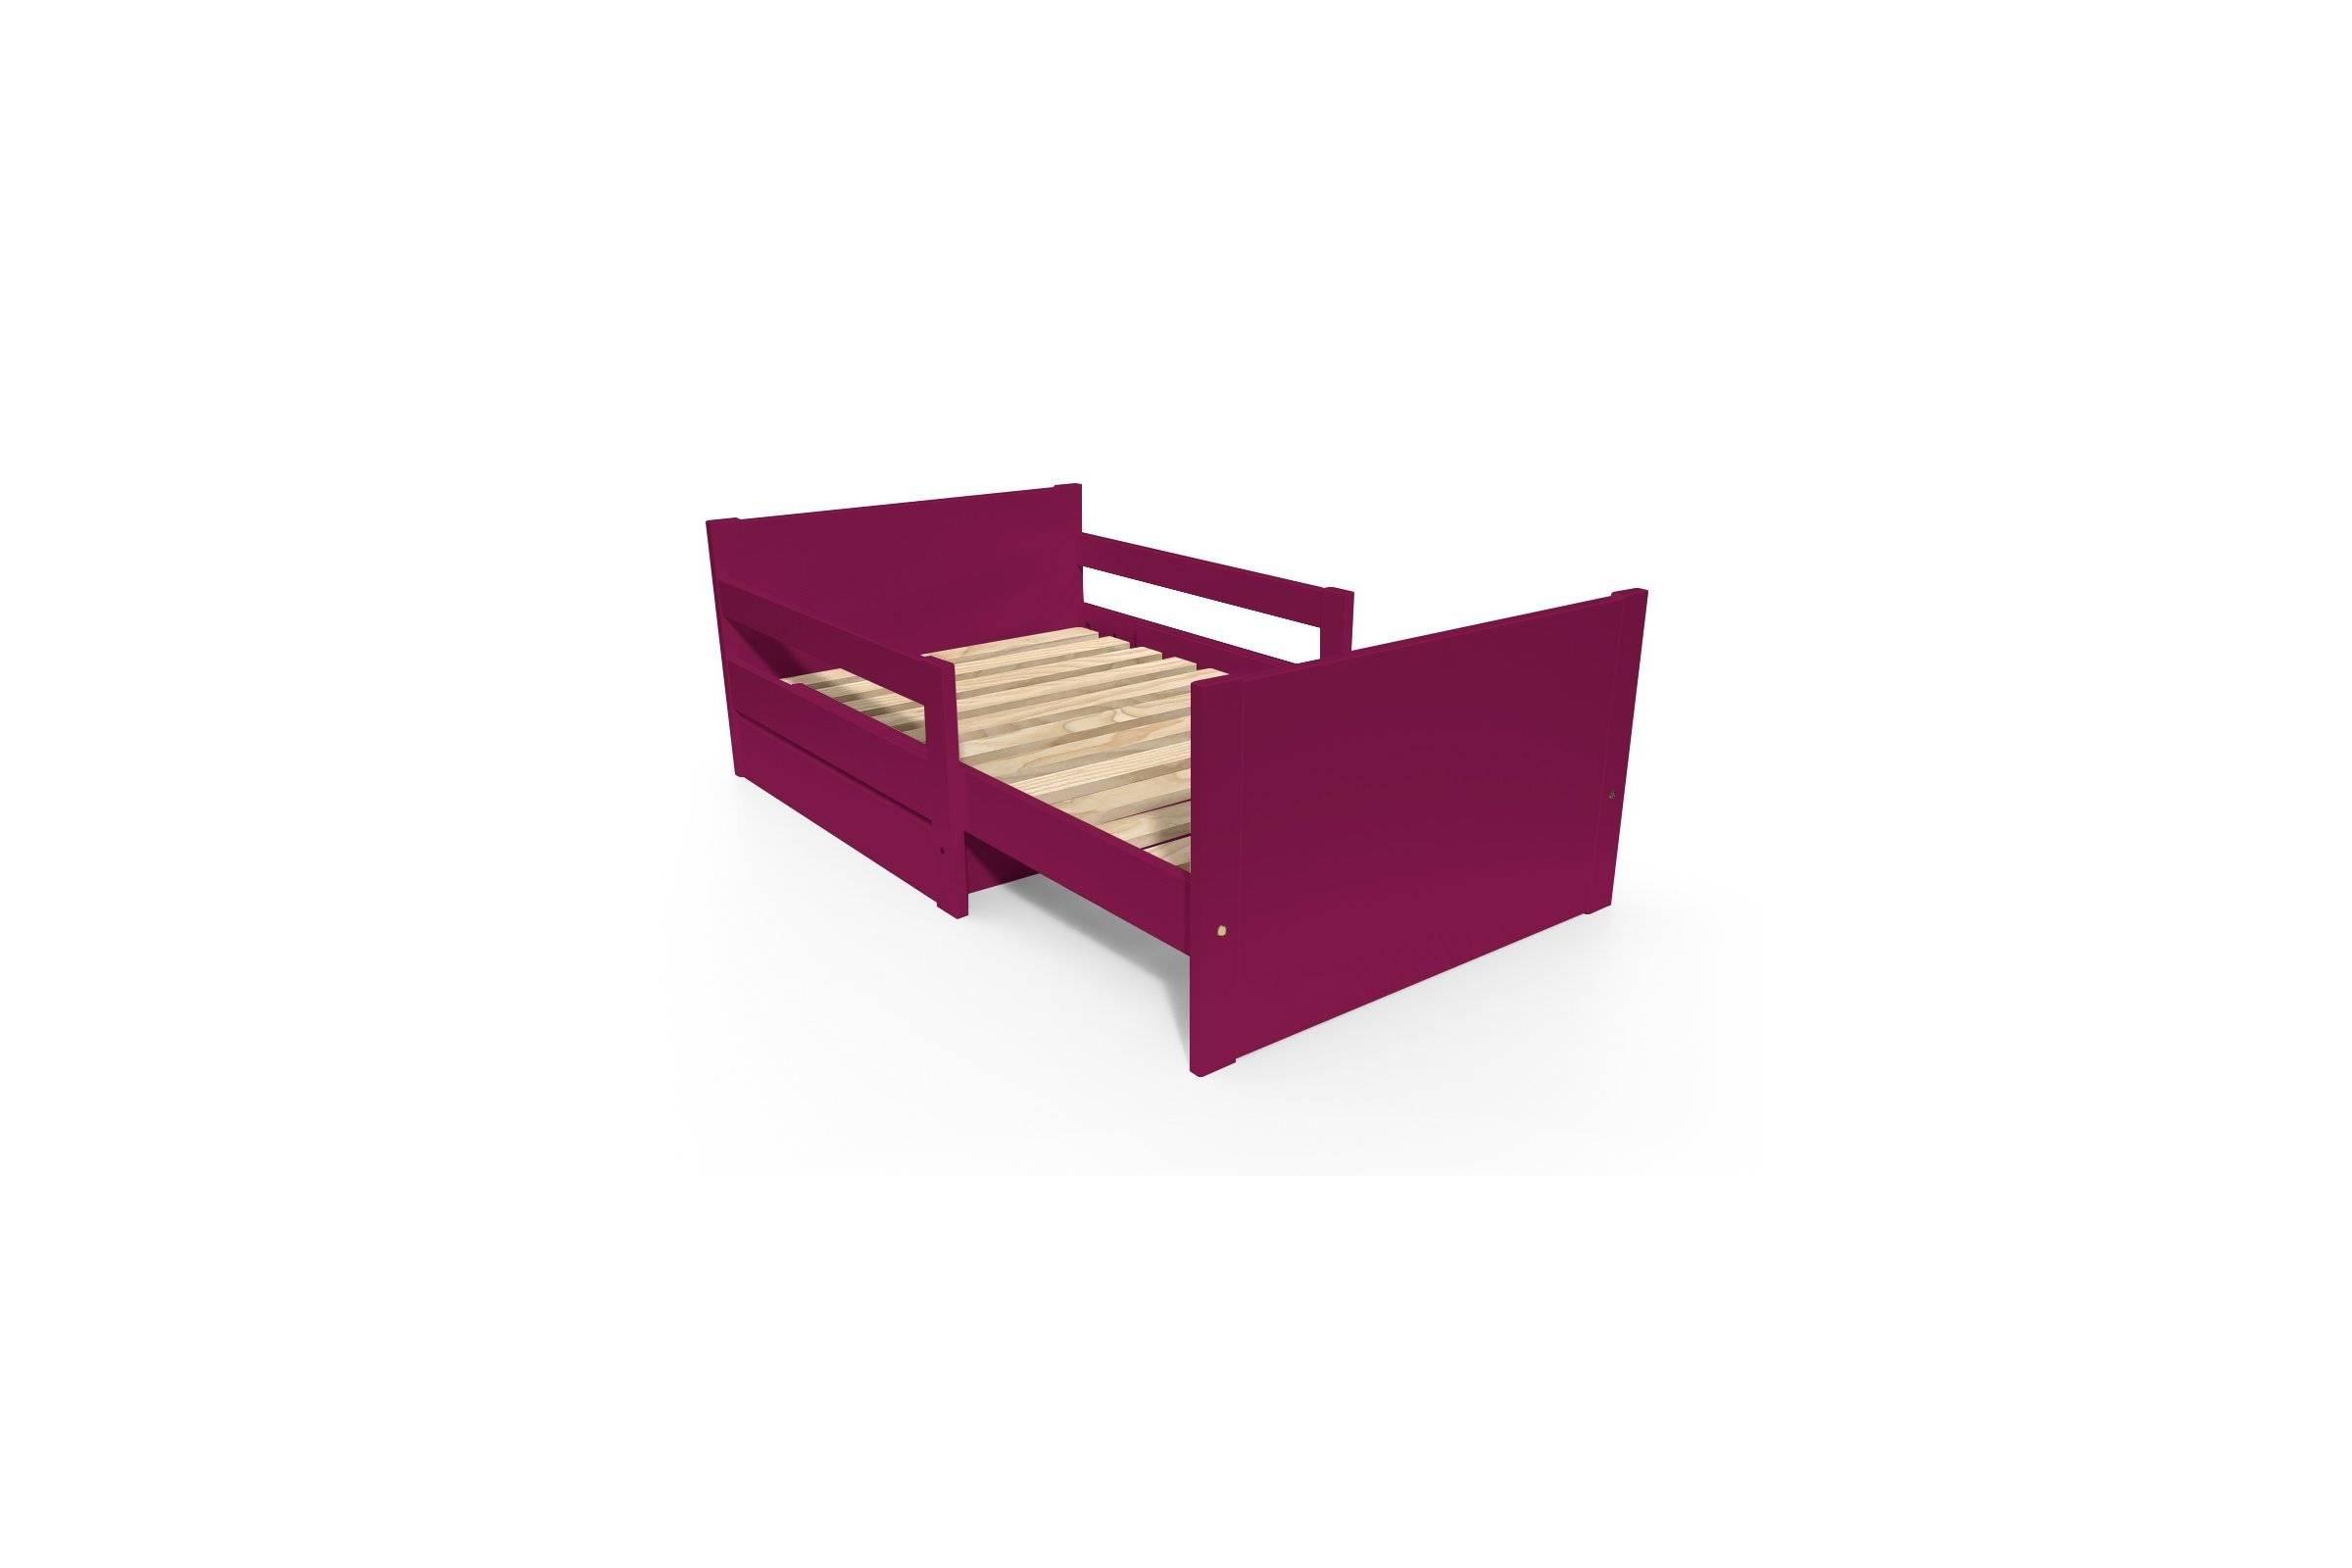 Abc meubles - lit évolutif enfant avec tiroir bois prune